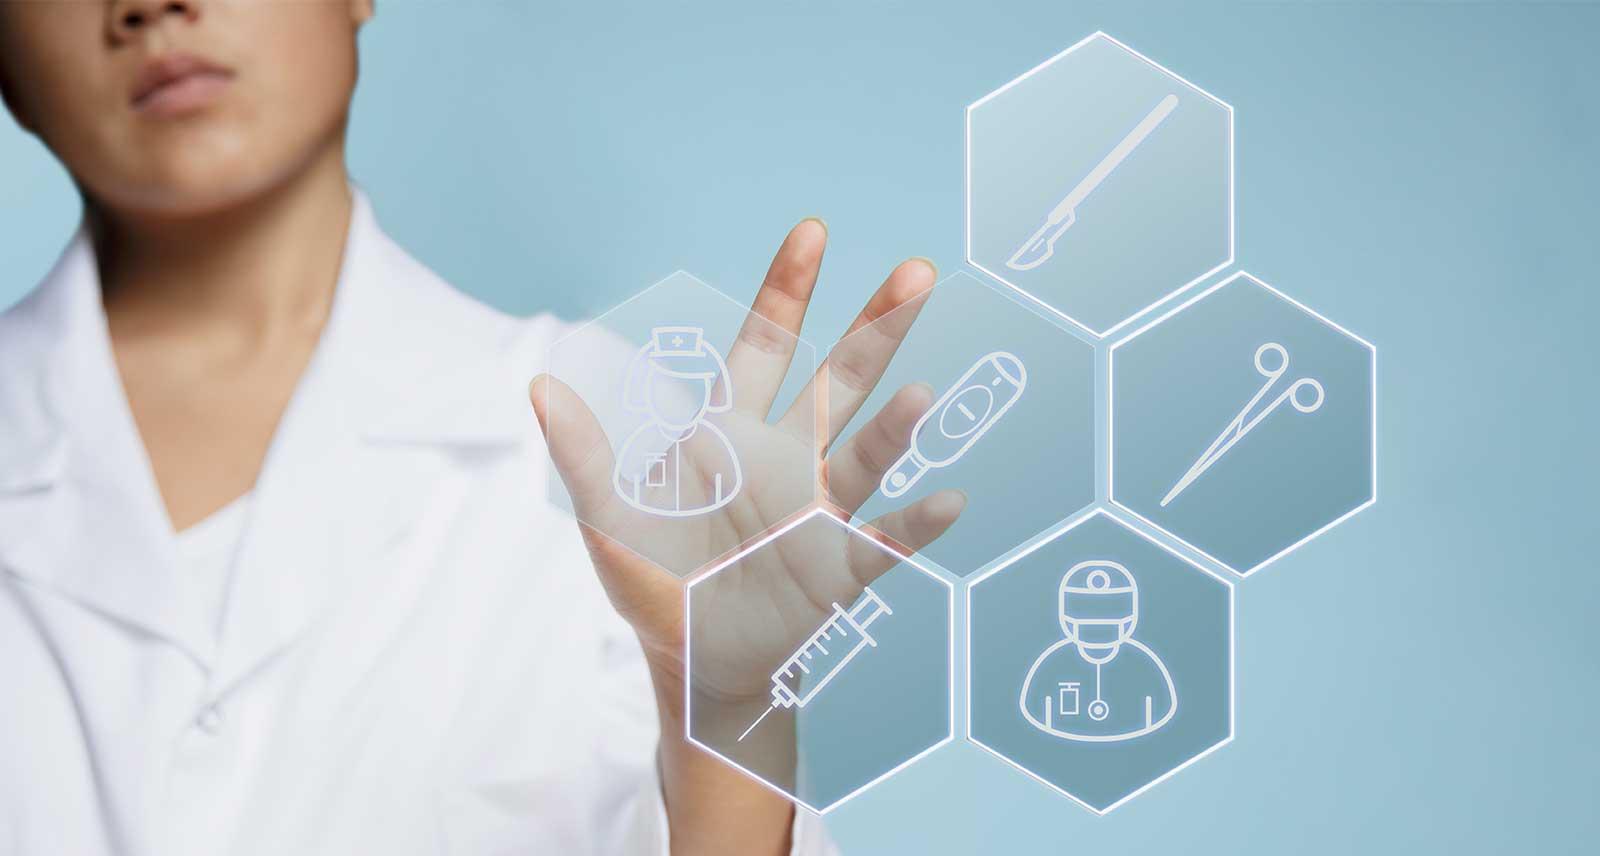 La importancia de innovar en un consultorio de salud